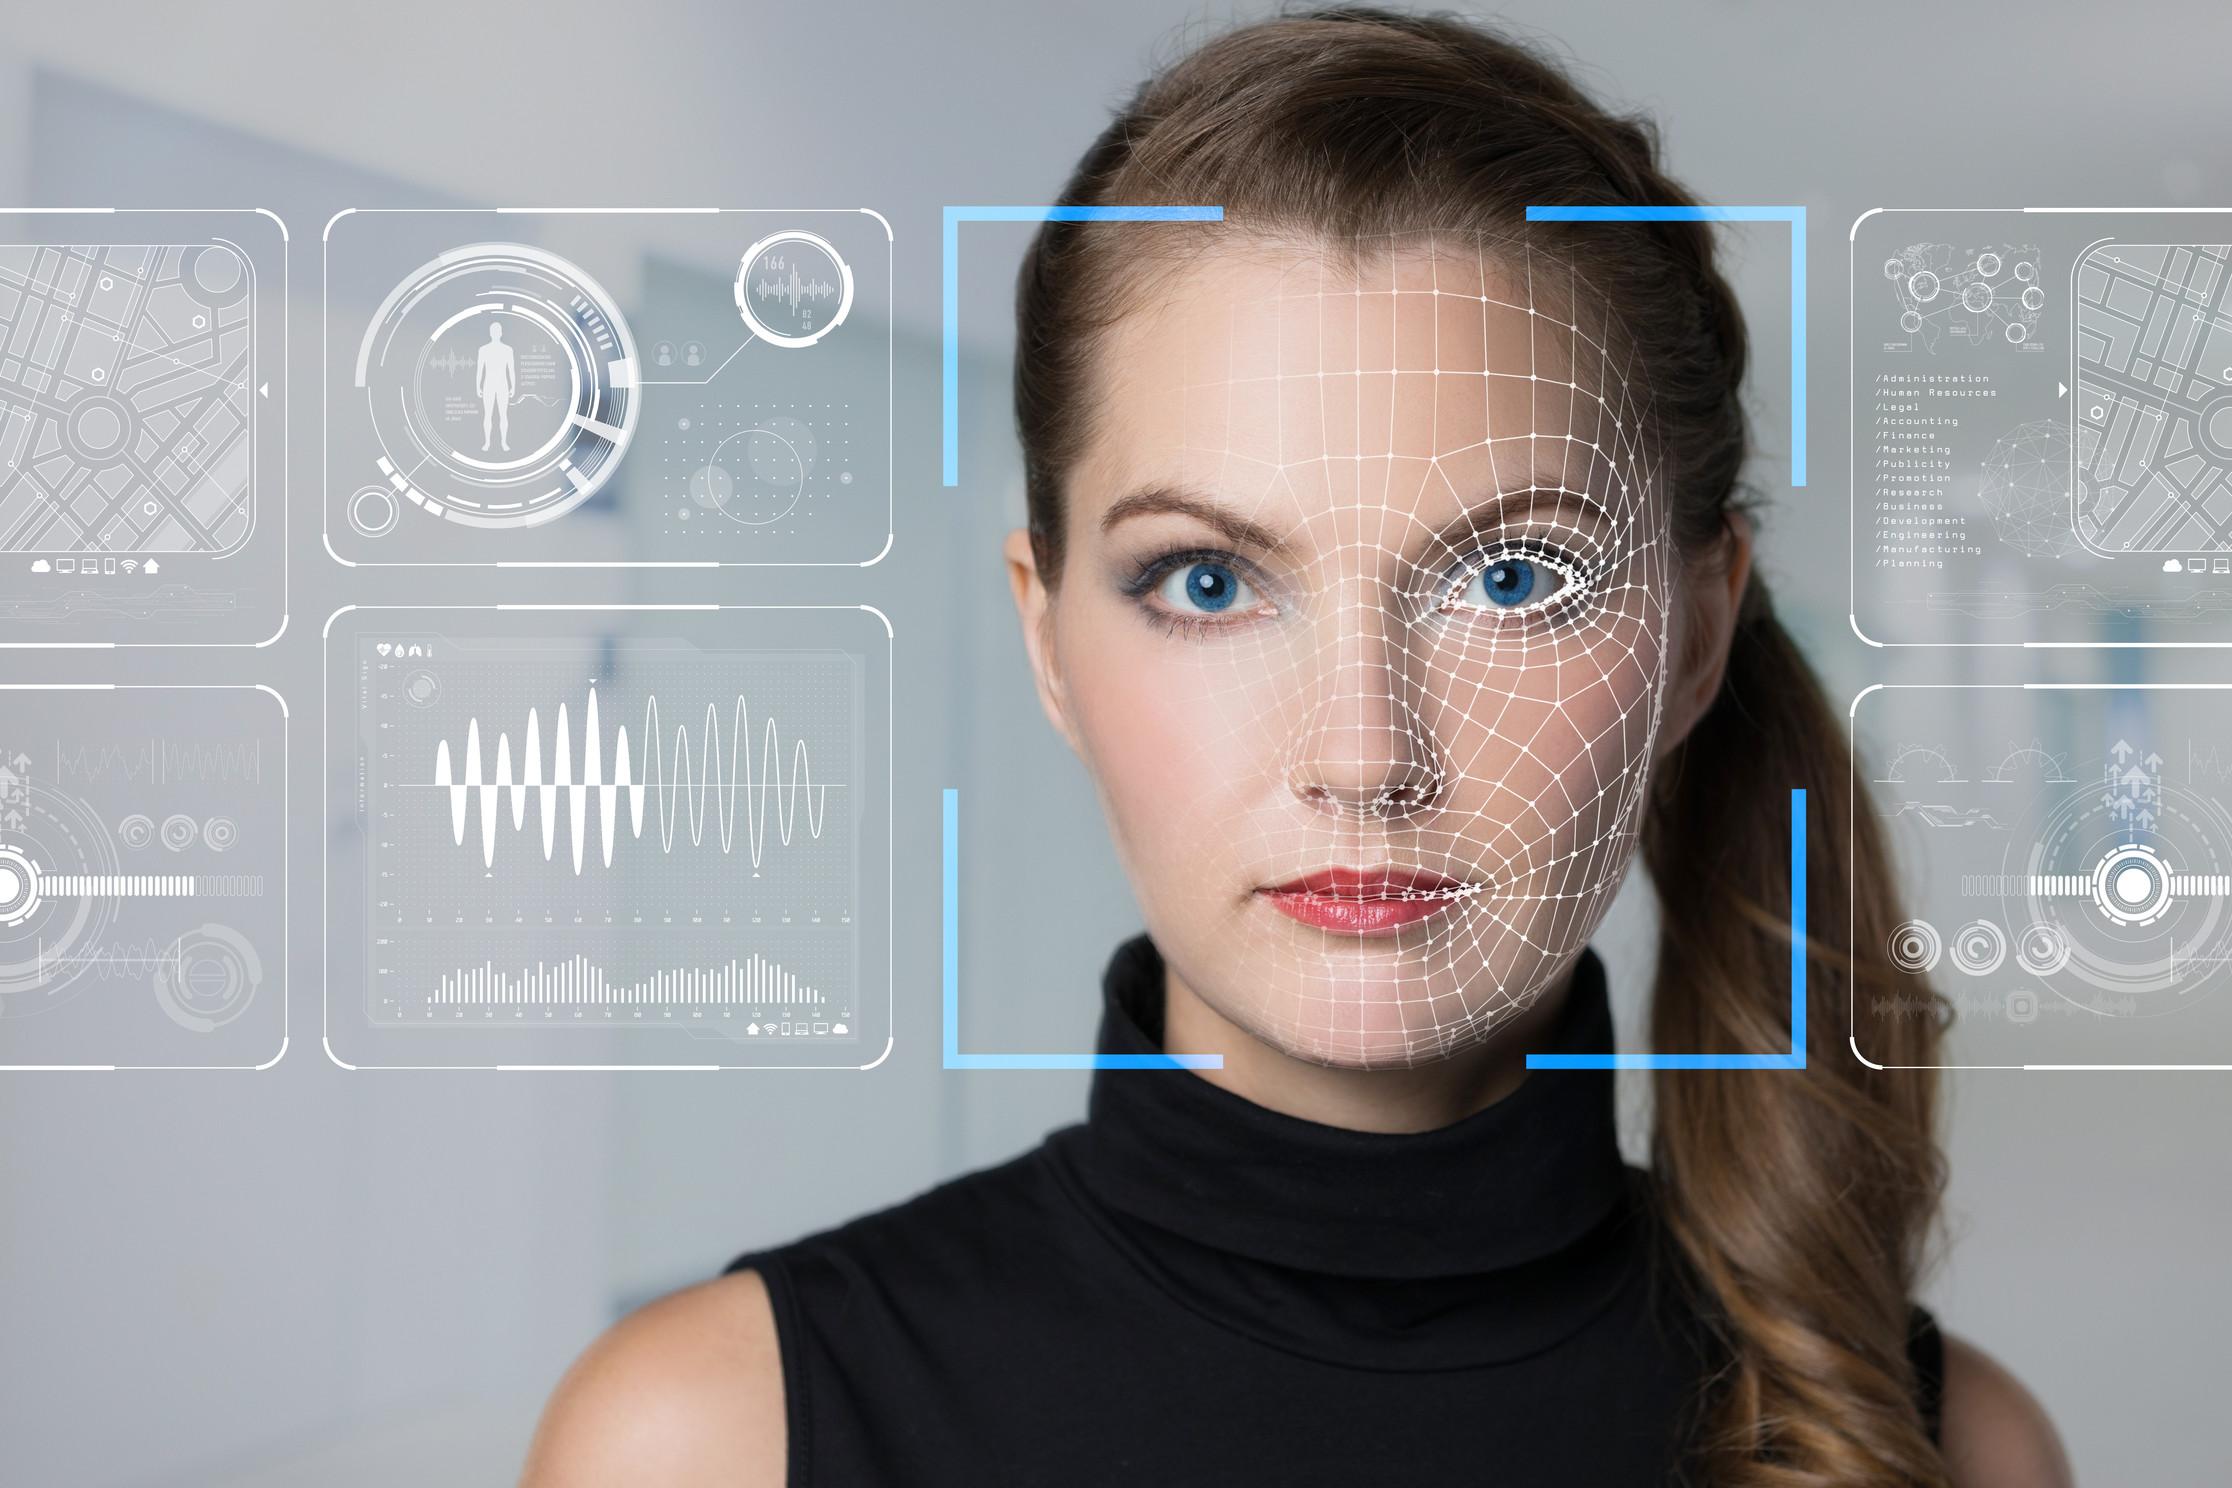 Bilde av en kvinne som får øyet sitt scannet